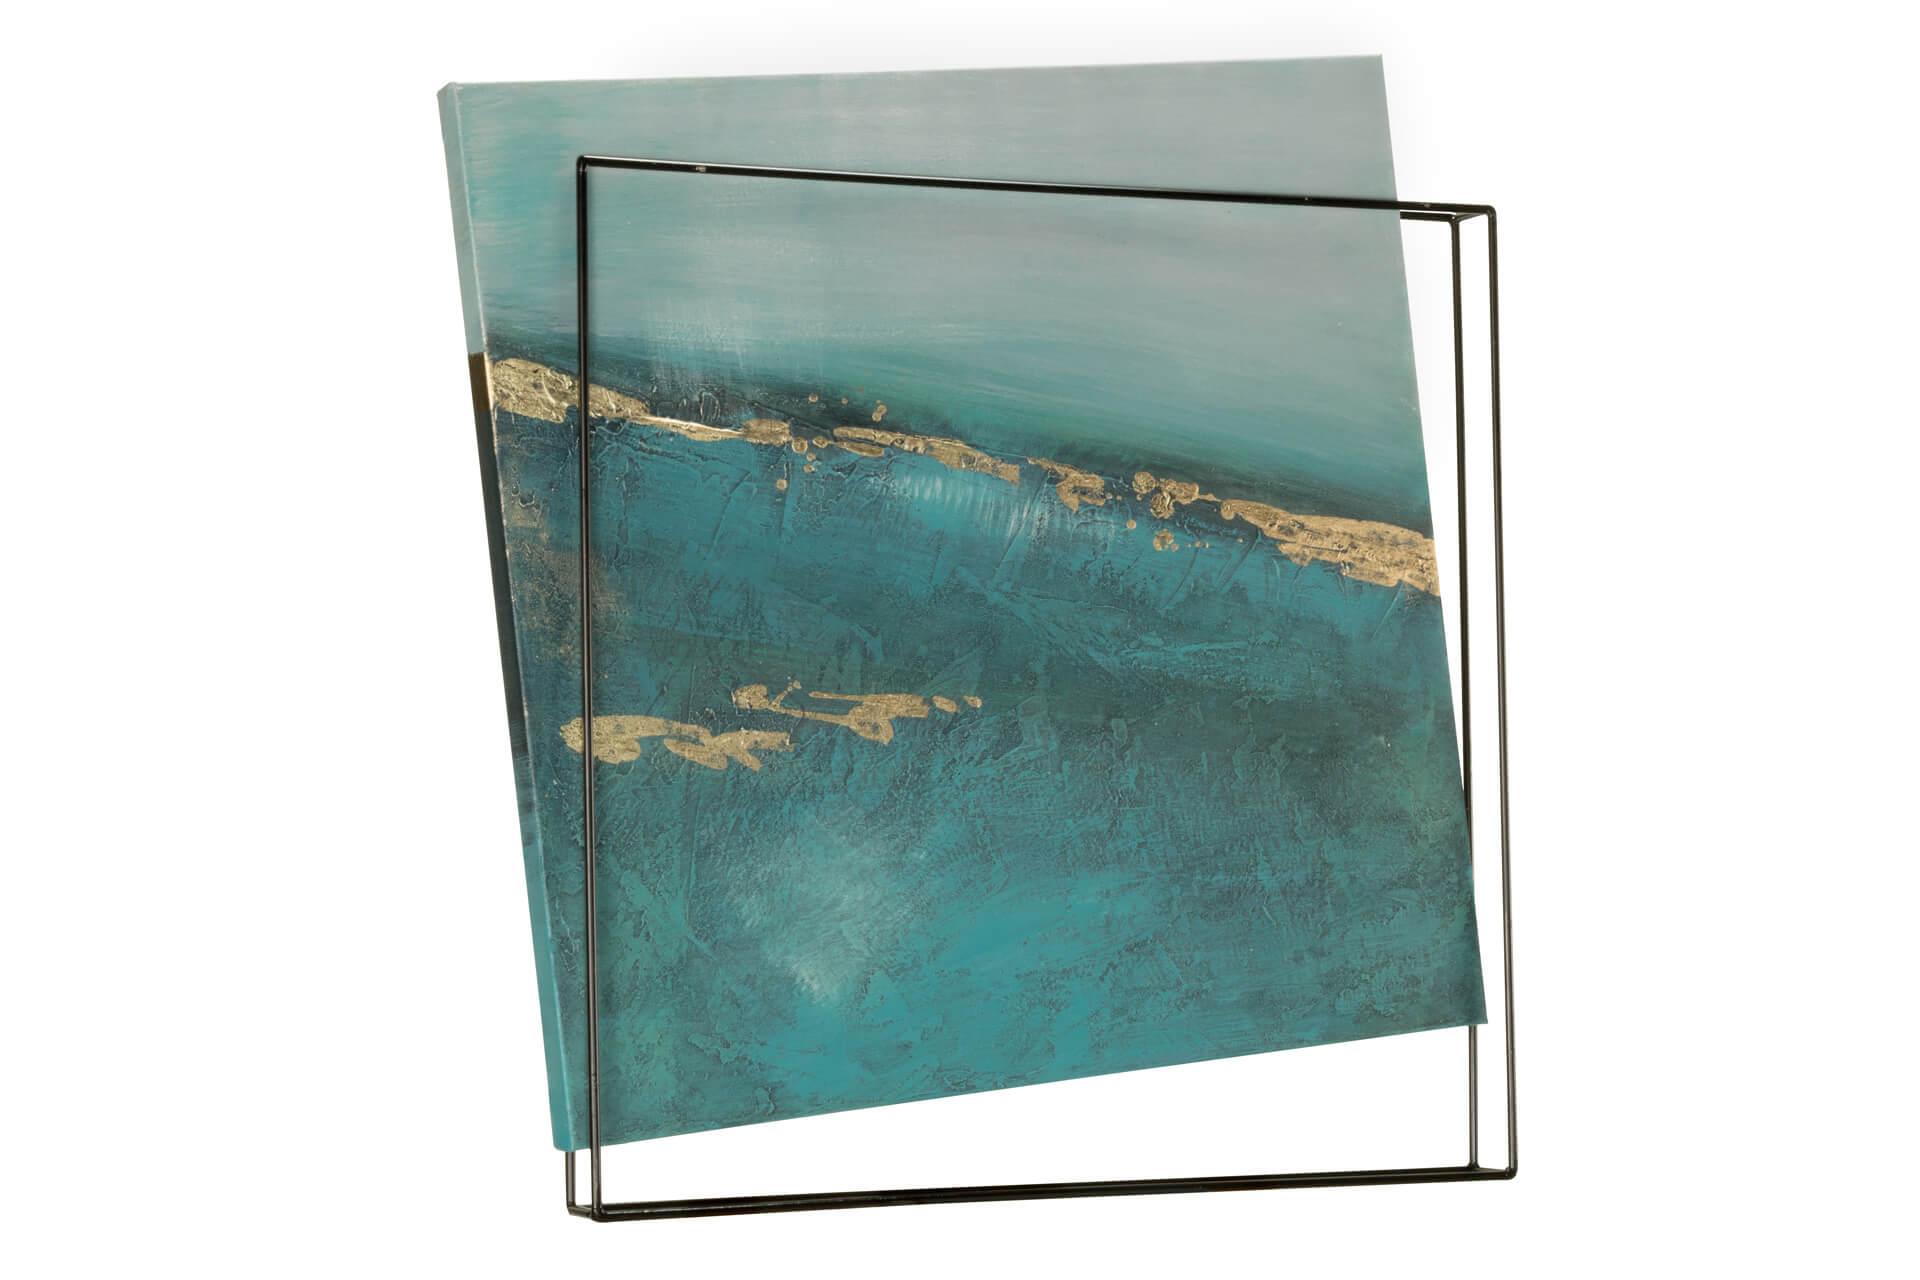 KL abstrakt form meer blau acryl gemaelde acryl bilder leinwandbilder moderne kunst 01